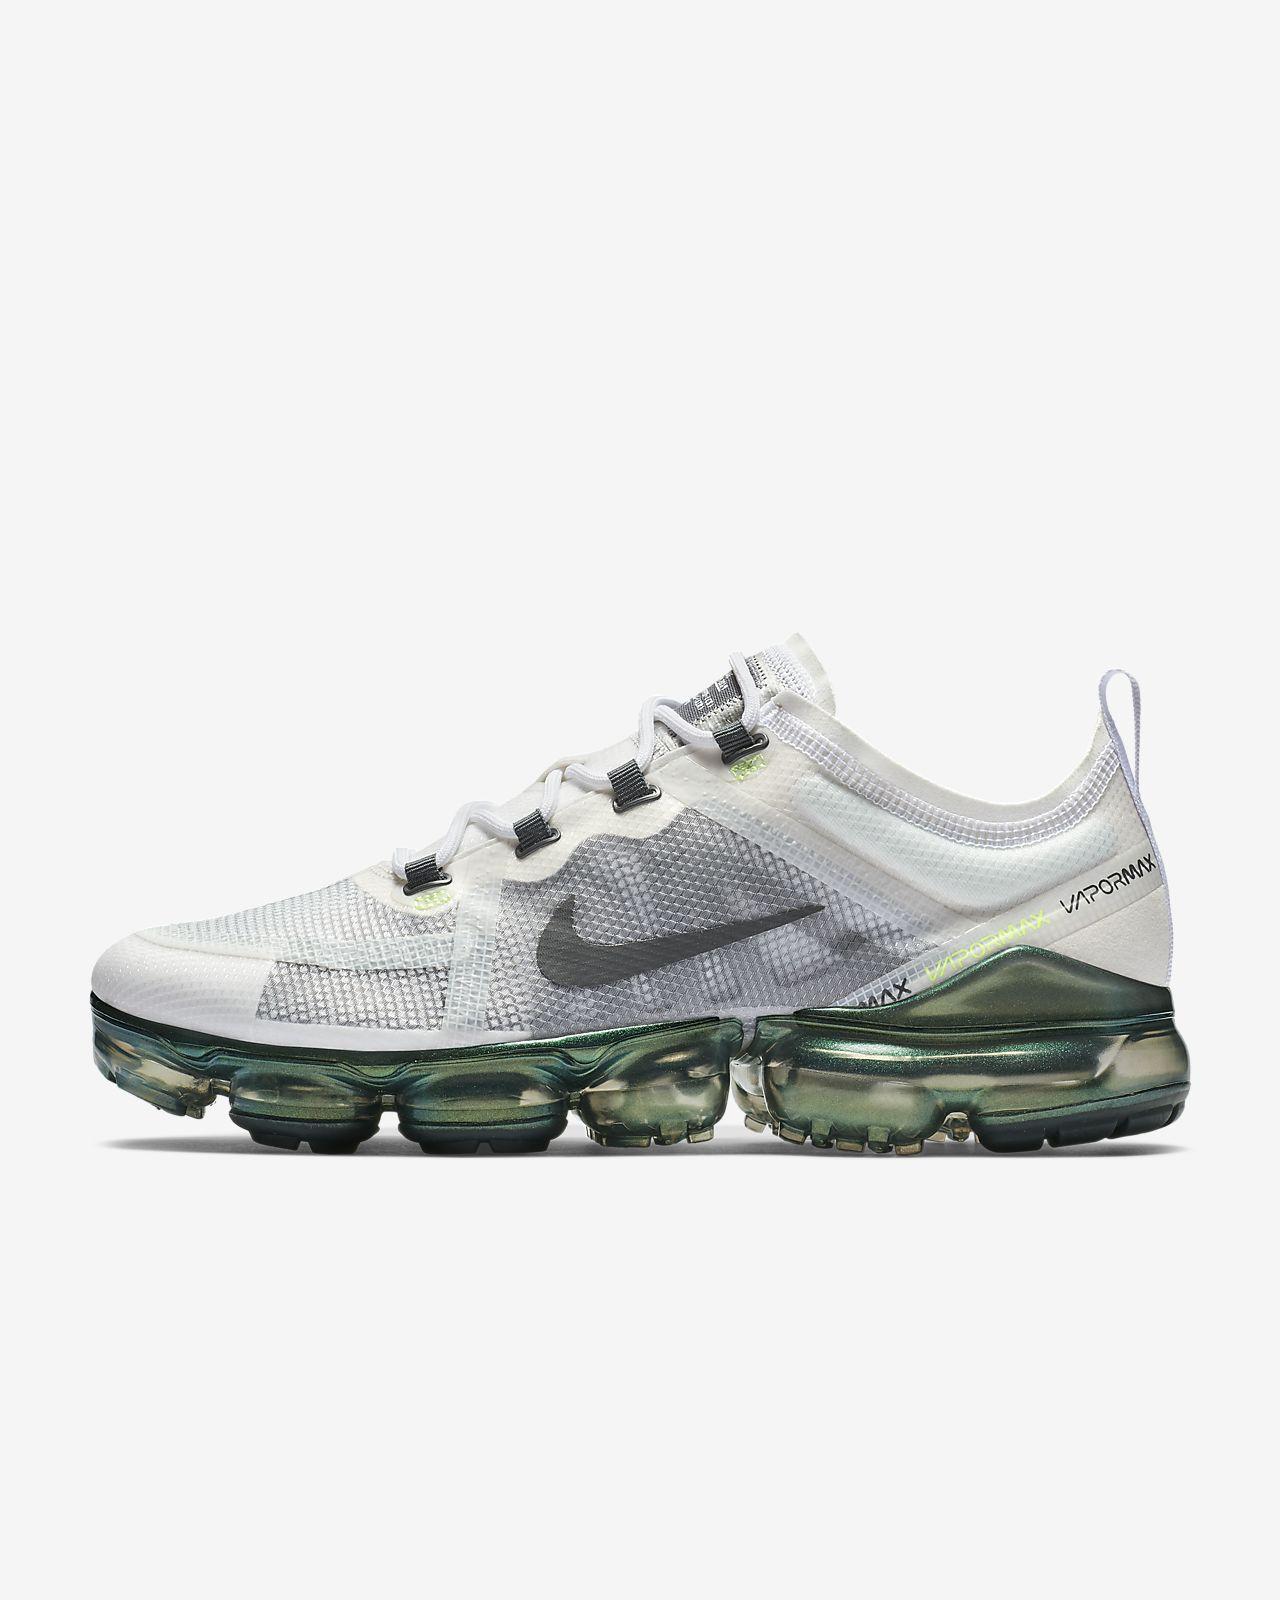 Nike Air VaporMax 2019 Premium